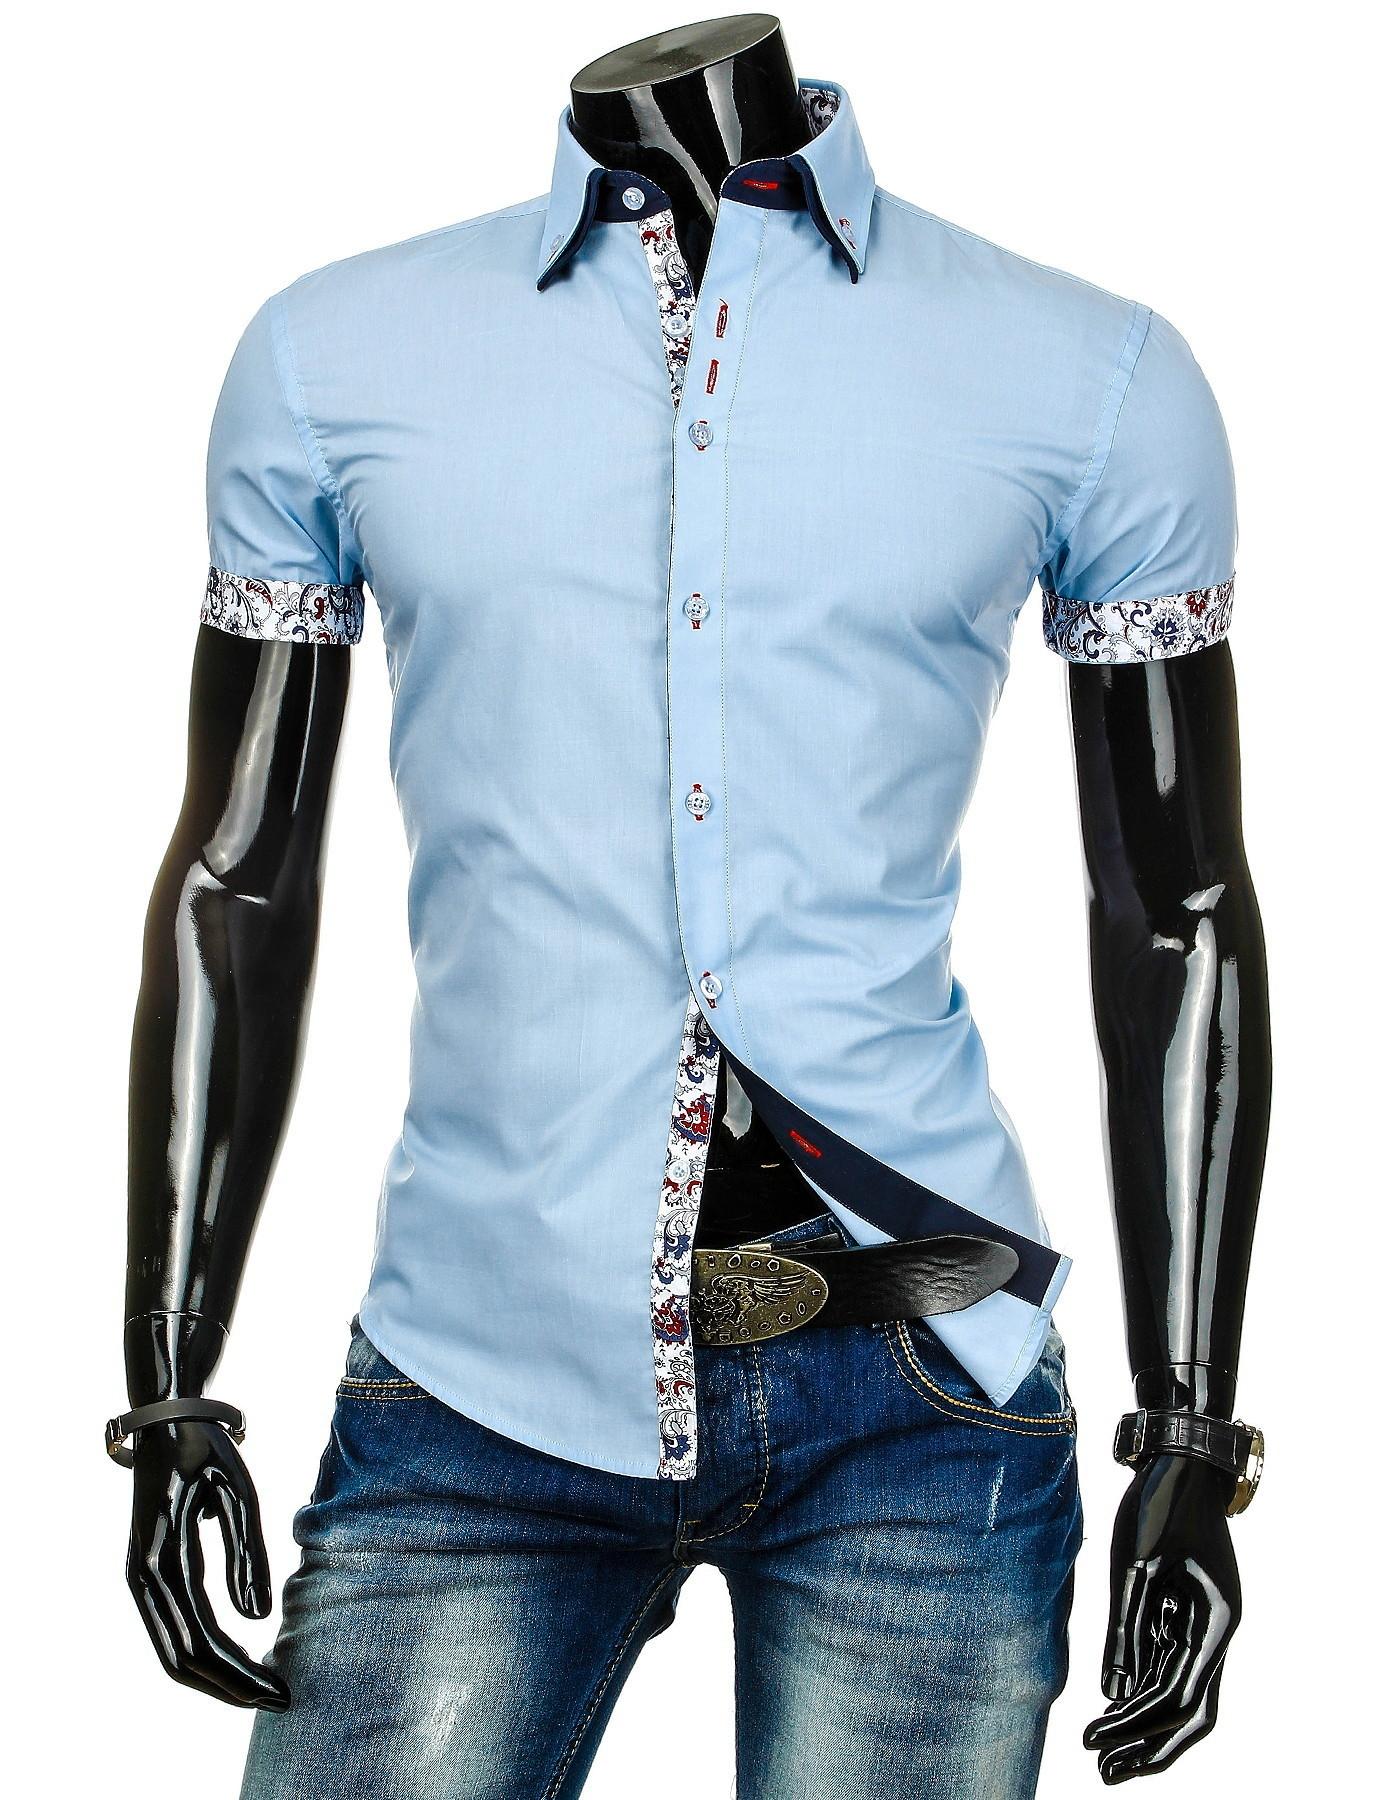 Pánská košile BOSTON s krátkým rukávem světle modrá